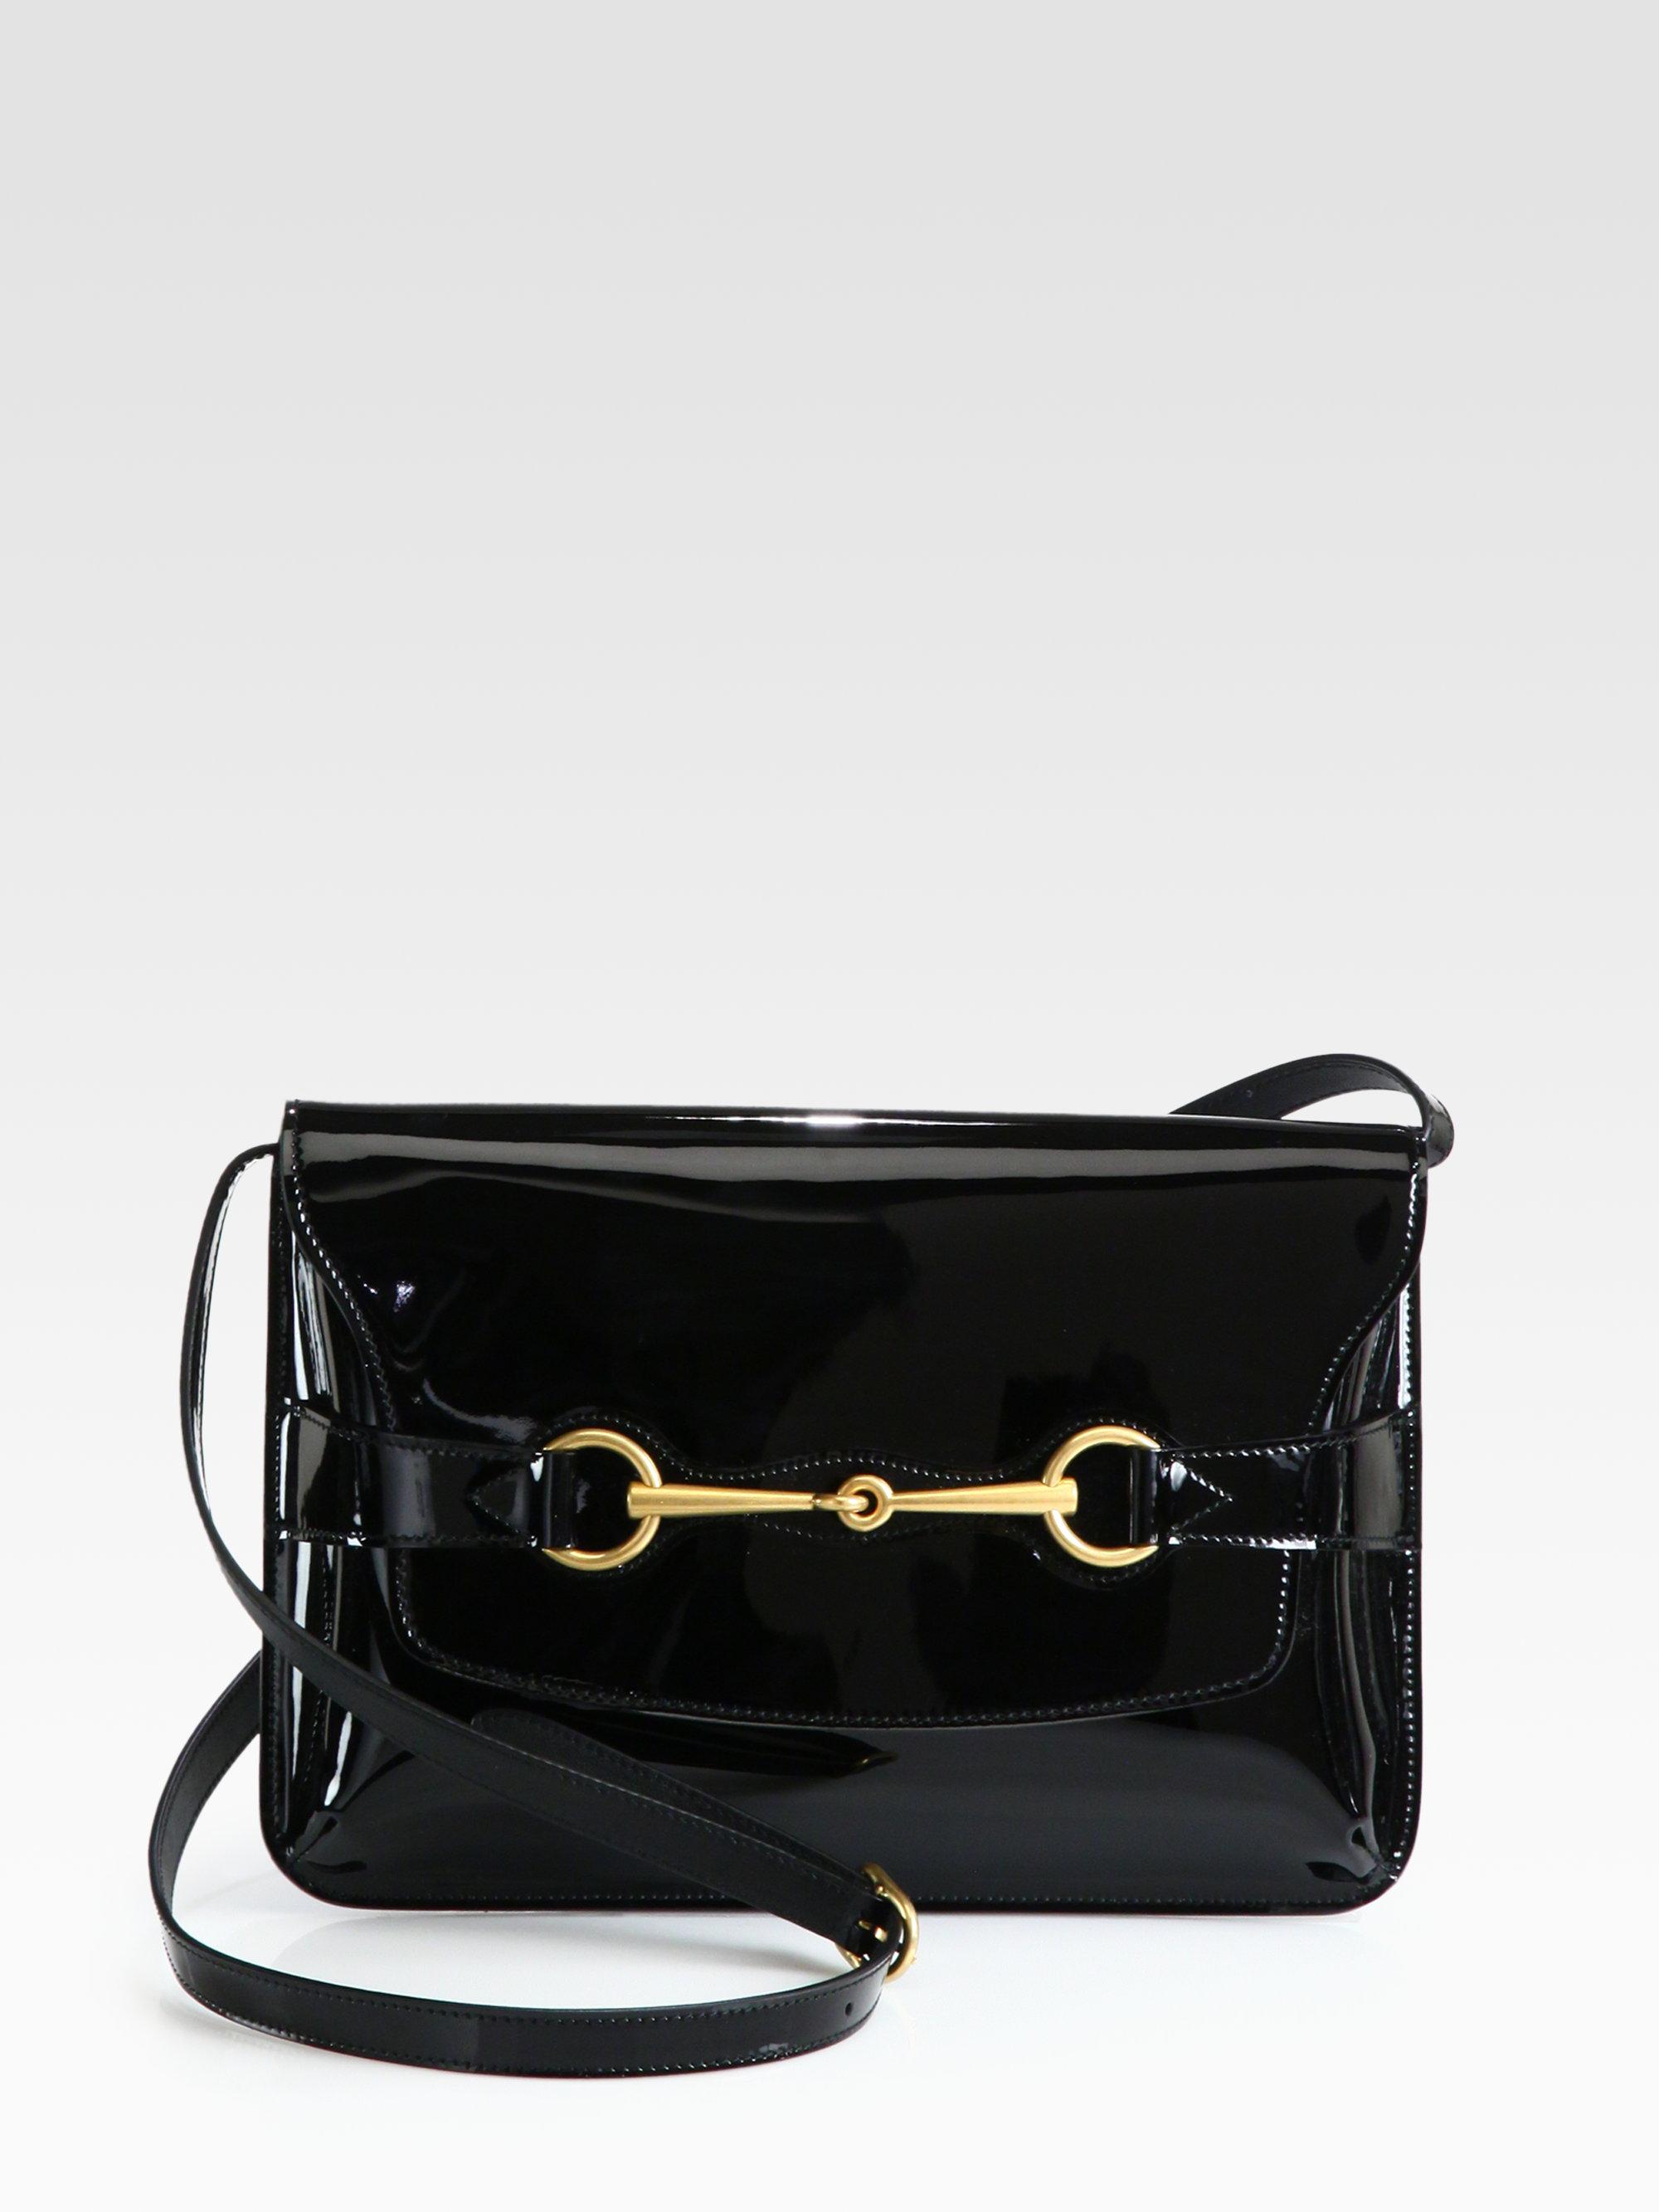 Patent leather shoulder bag B8COGrusk